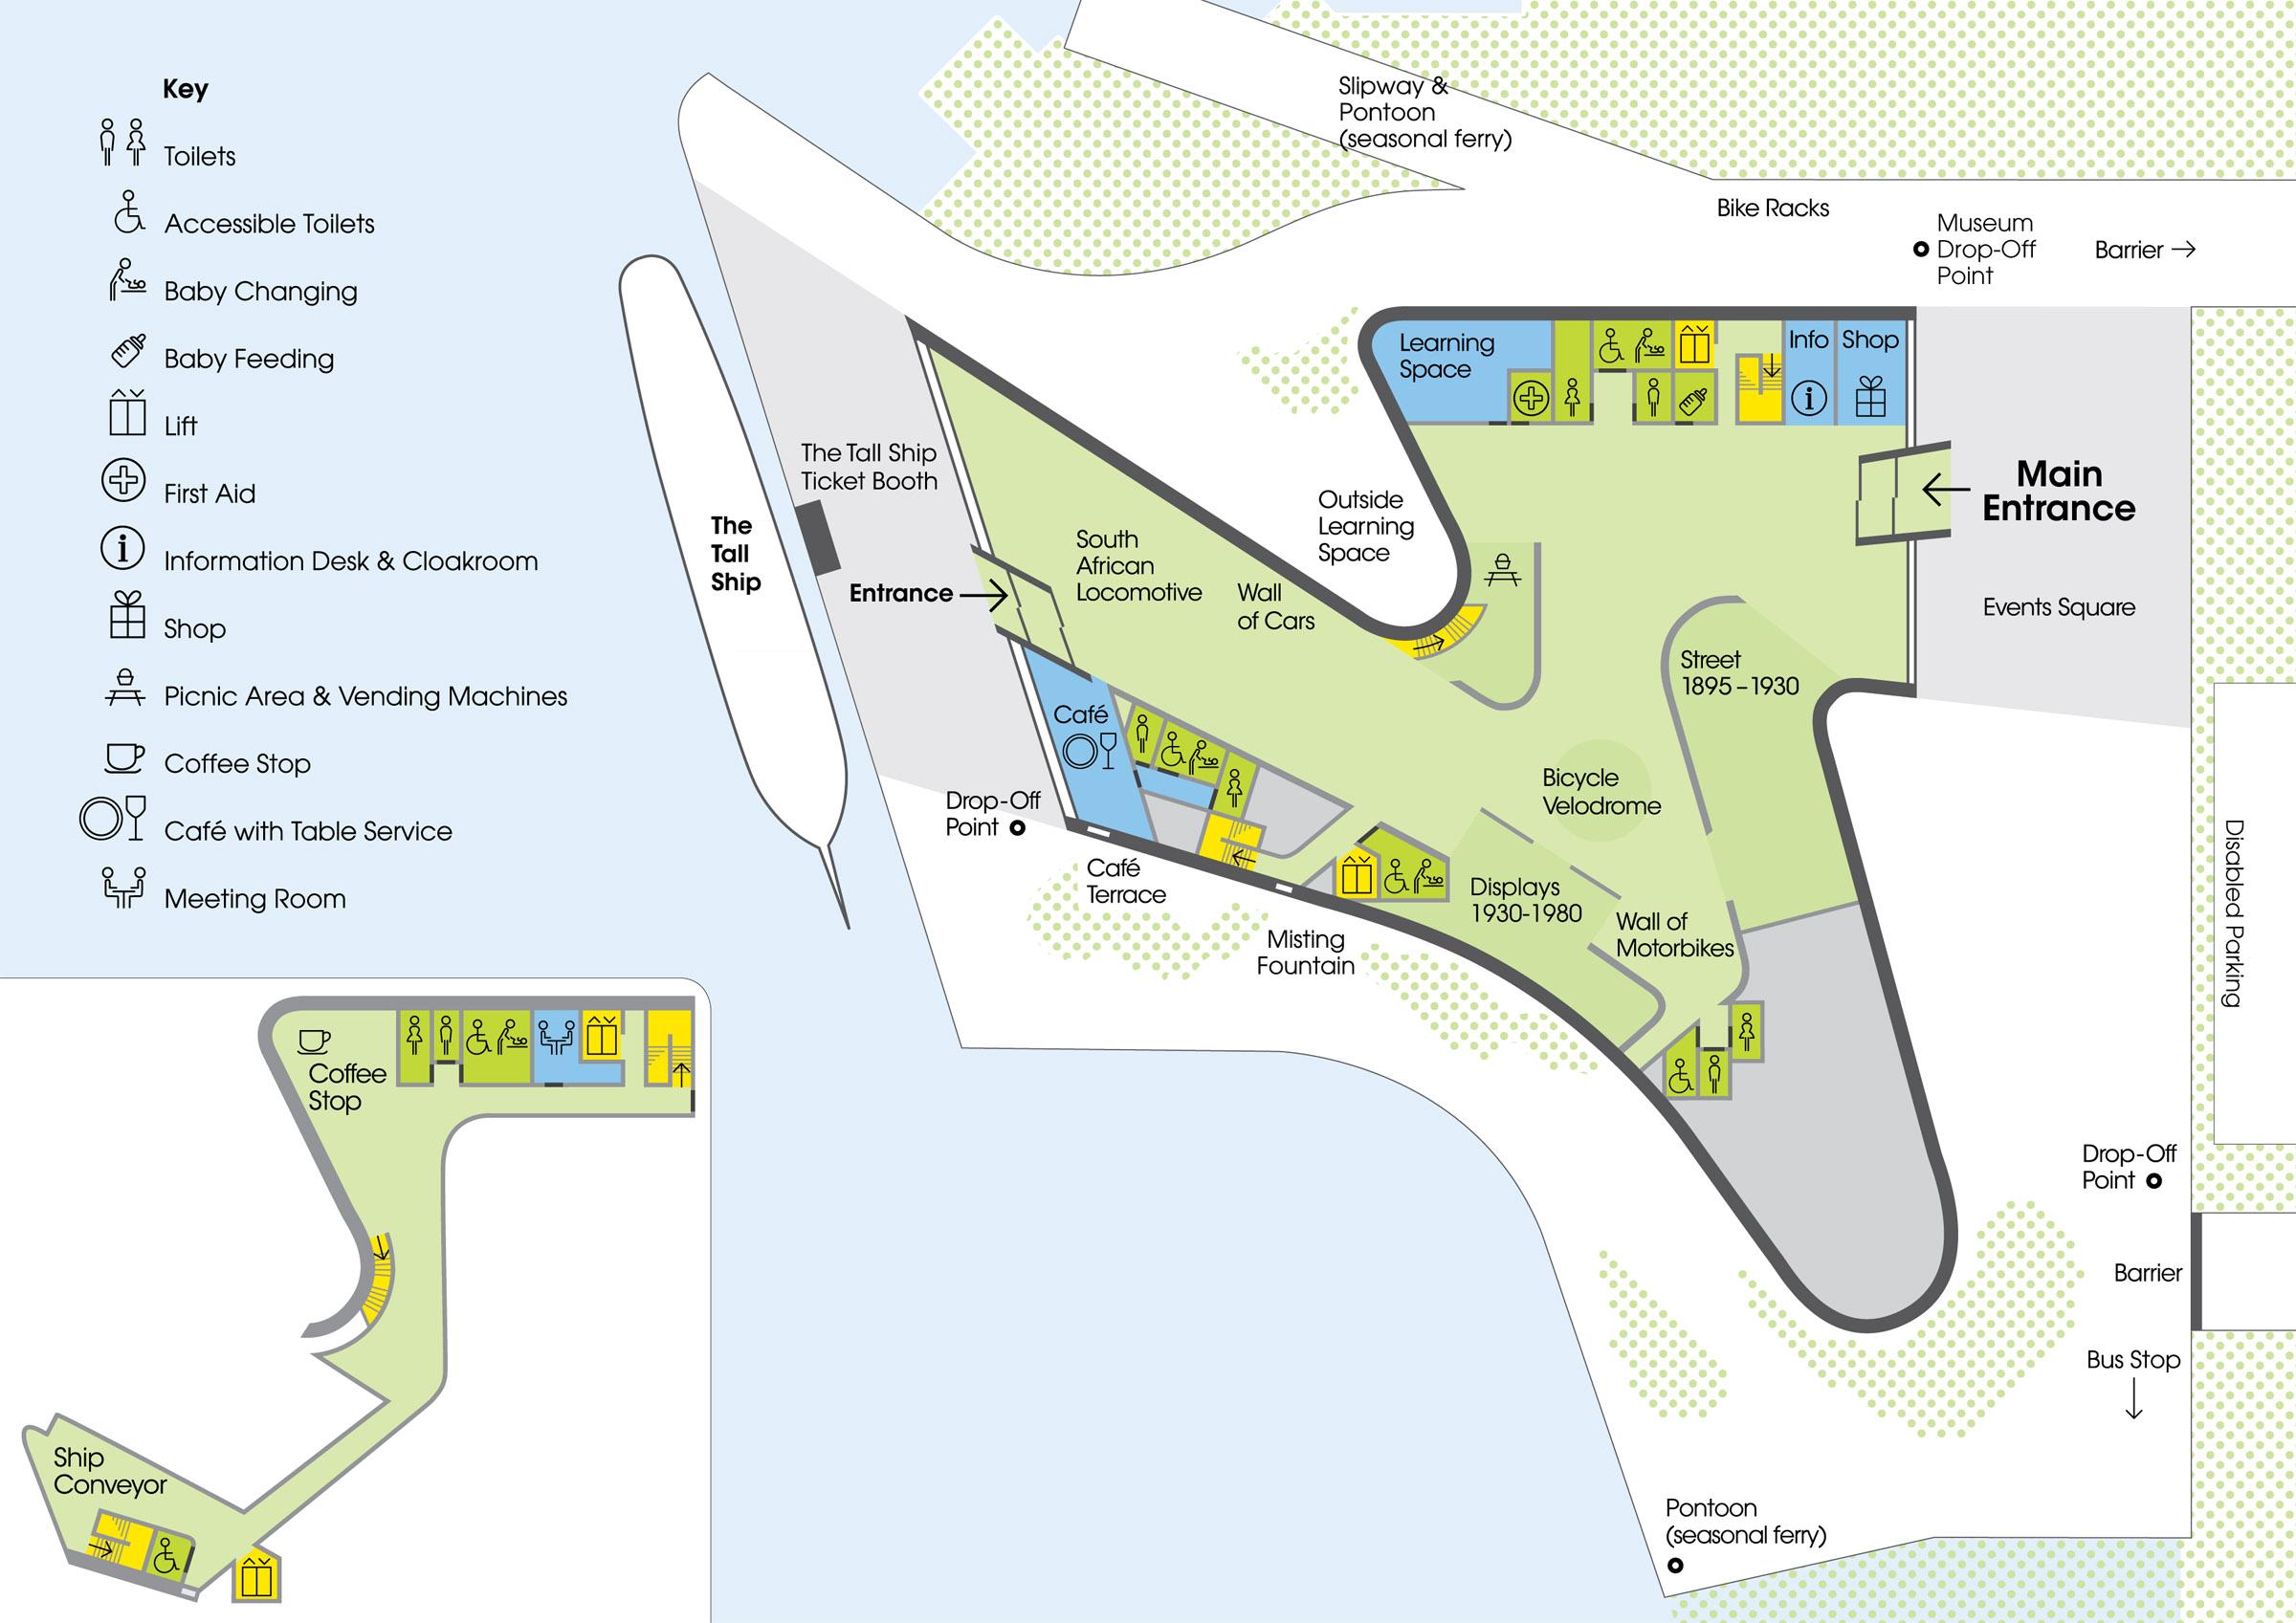 rivside-museum-floor-plan-2